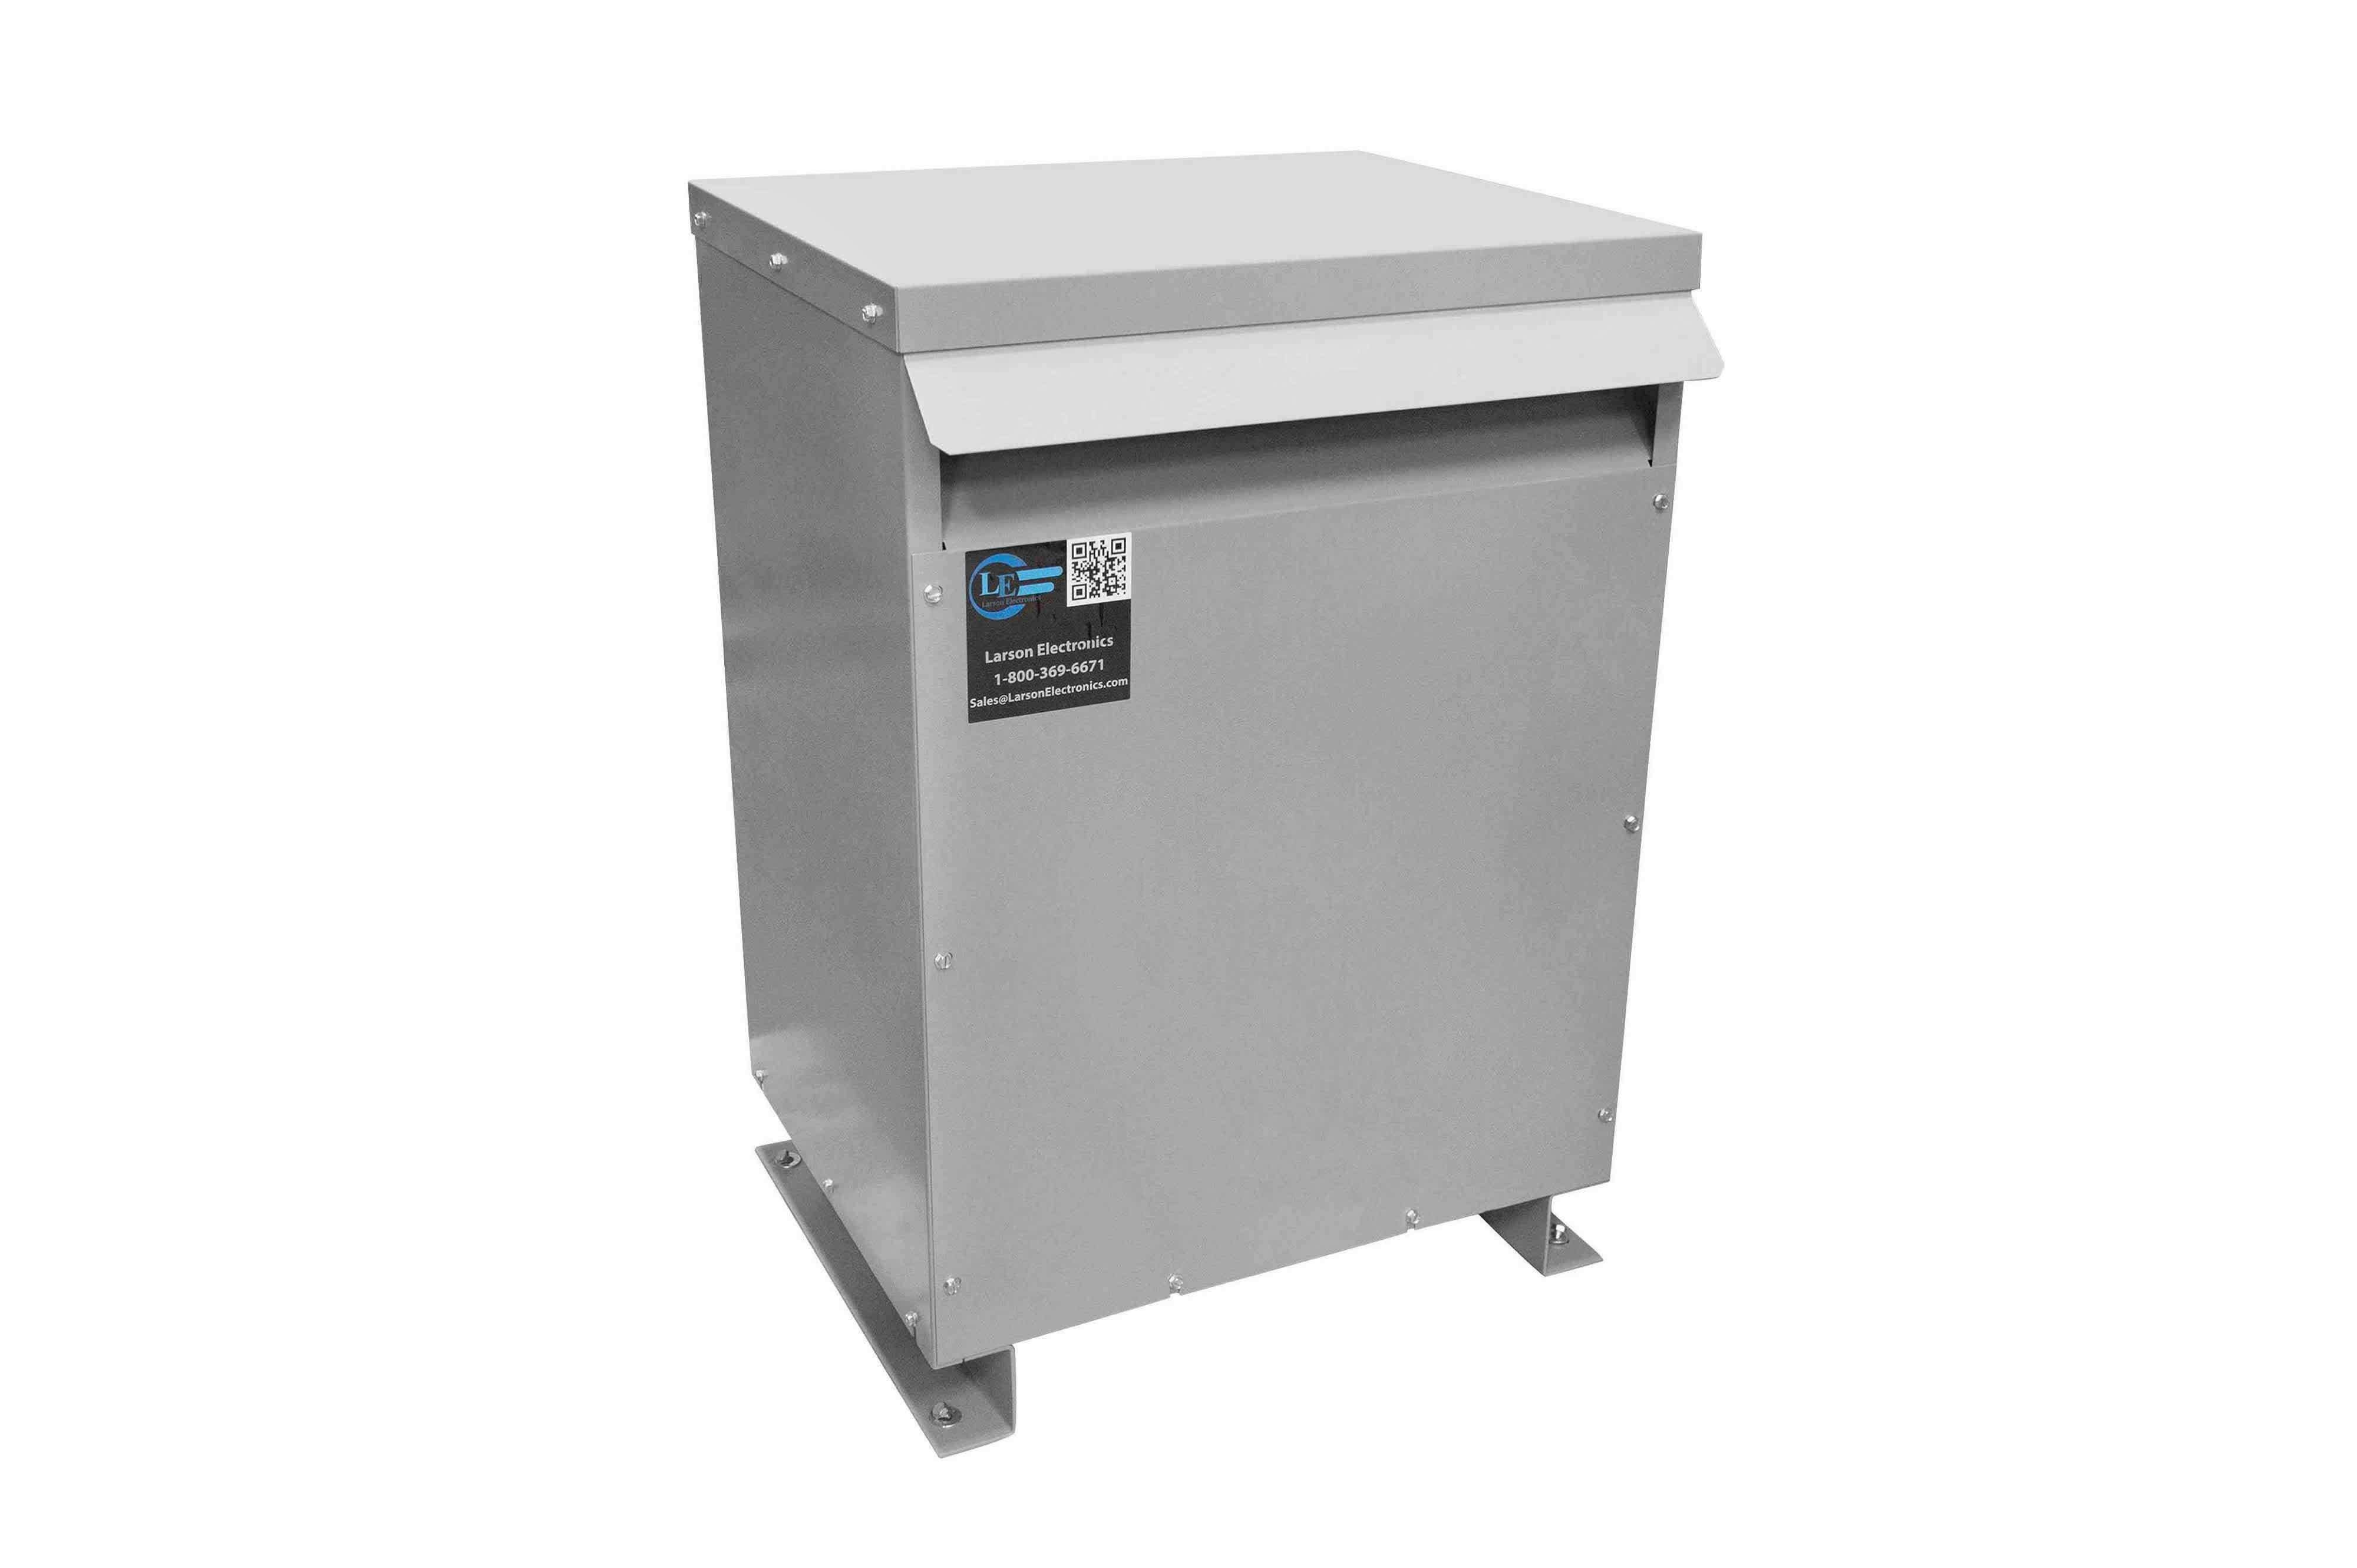 150 kVA 3PH Isolation Transformer, 380V Delta Primary, 480V Delta Secondary, N3R, Ventilated, 60 Hz